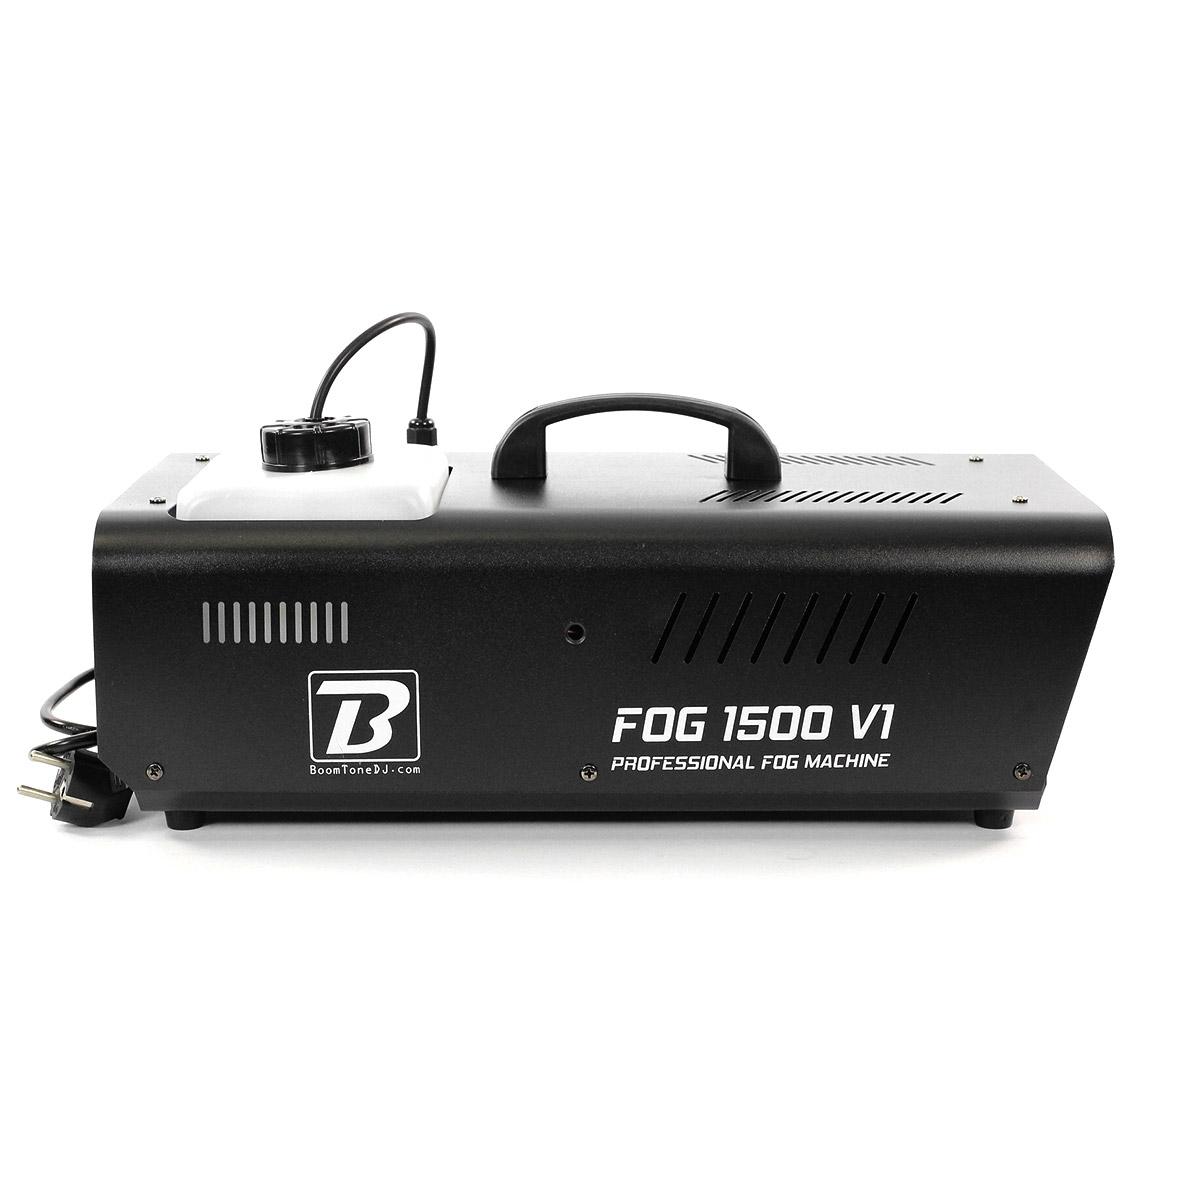 FOG 1500 V1